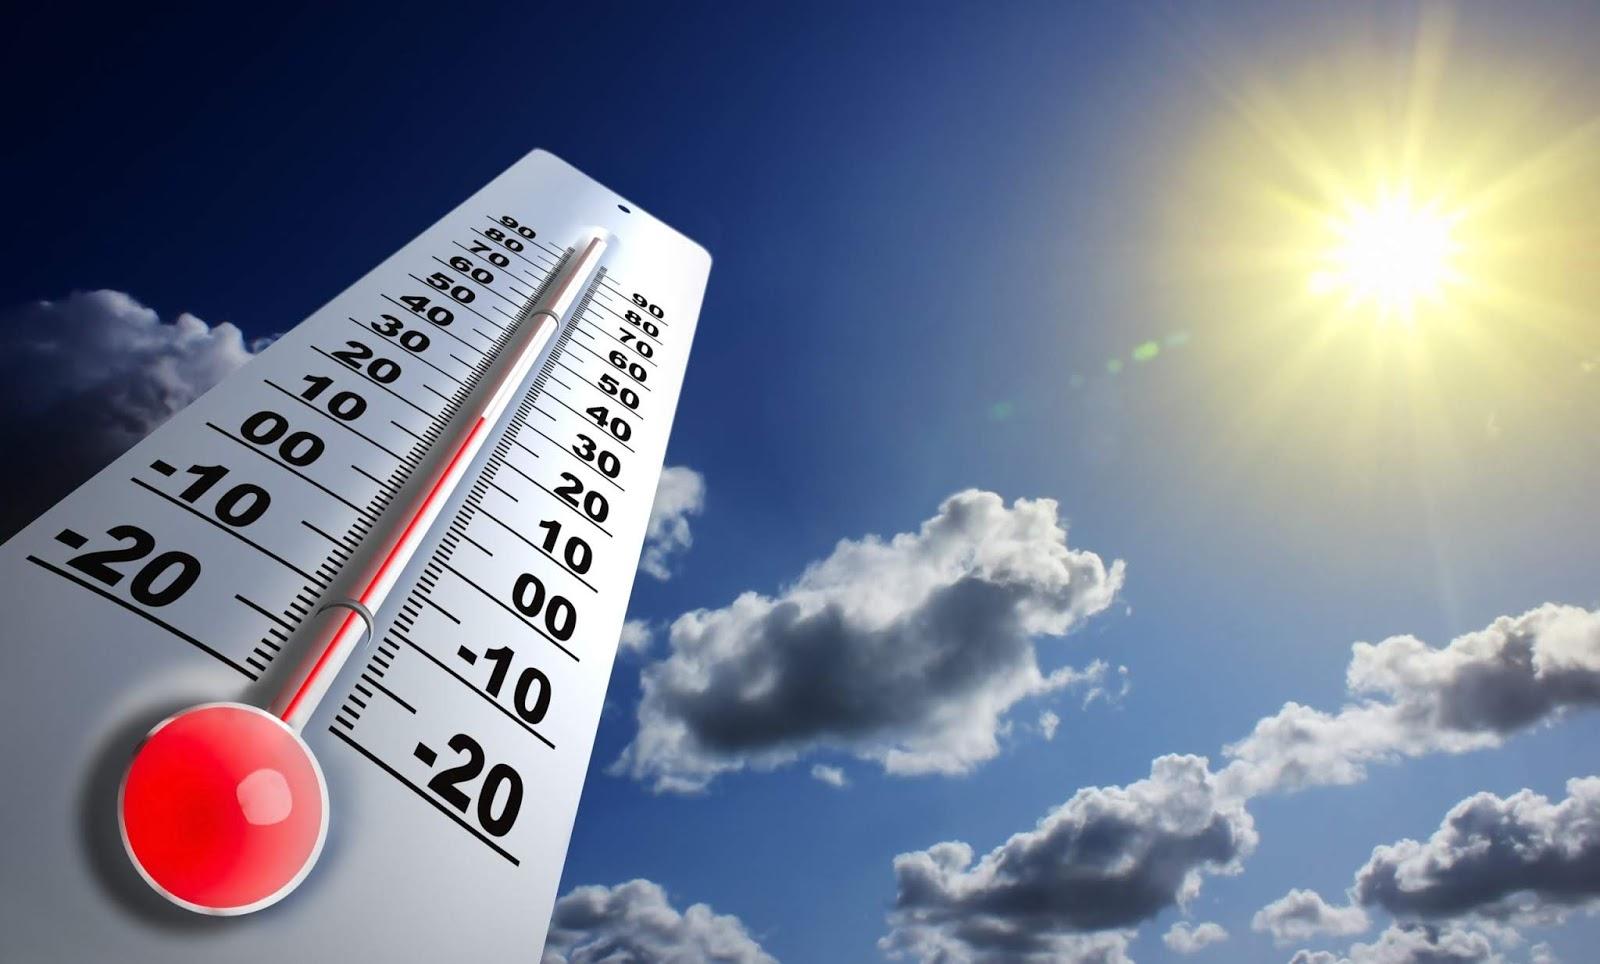 طقس حار بسوس يوم غد الخميس والحرارة تصل إلى 39 درجة